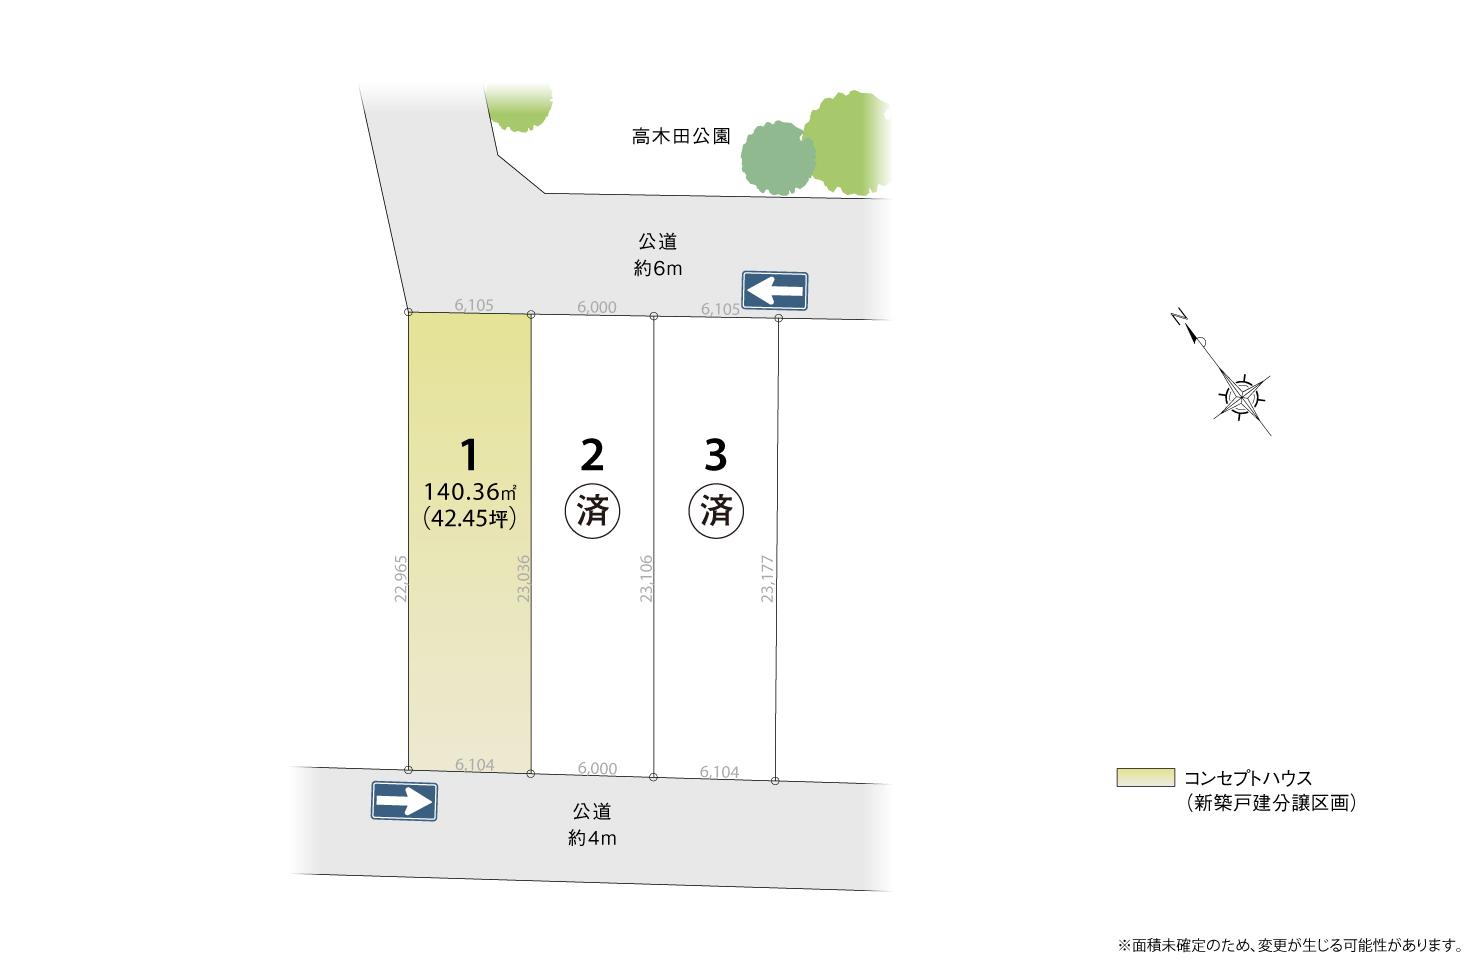 4_区画図_東海市富木島町5